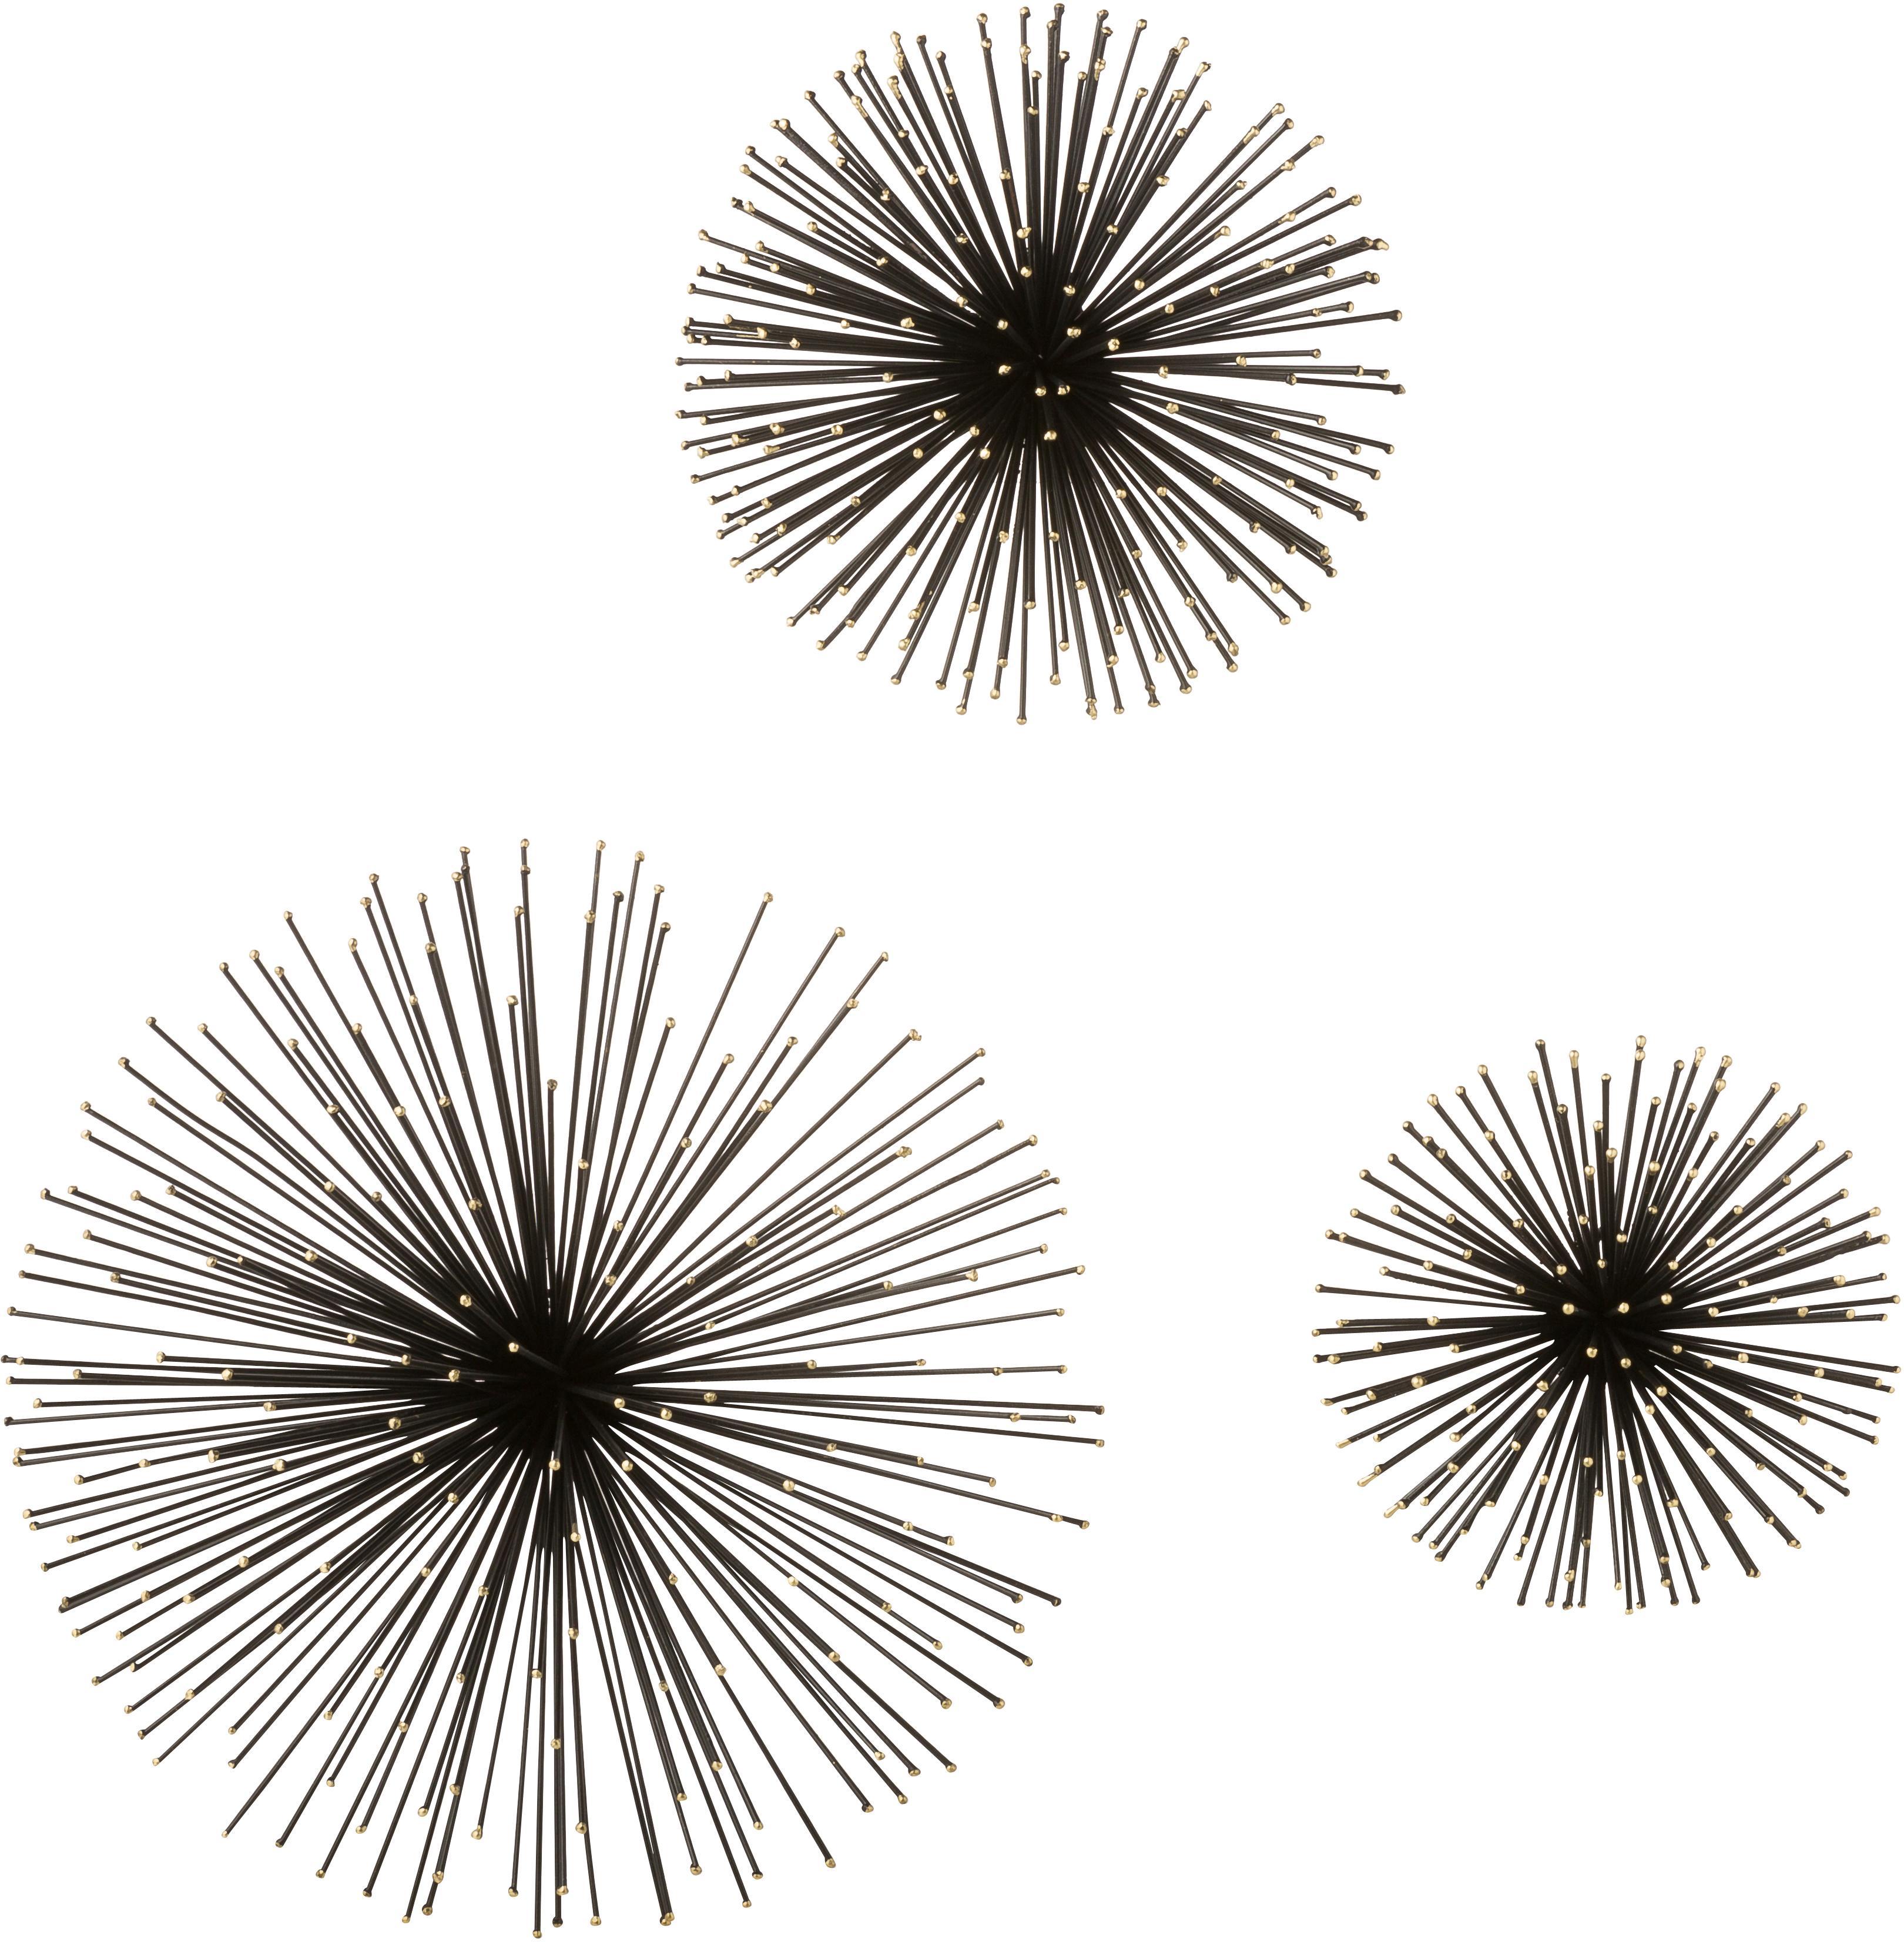 Wandobjekt-Set Ray aus Metall, 3-tlg., Metall, Schwarz, Verschiedene Grössen